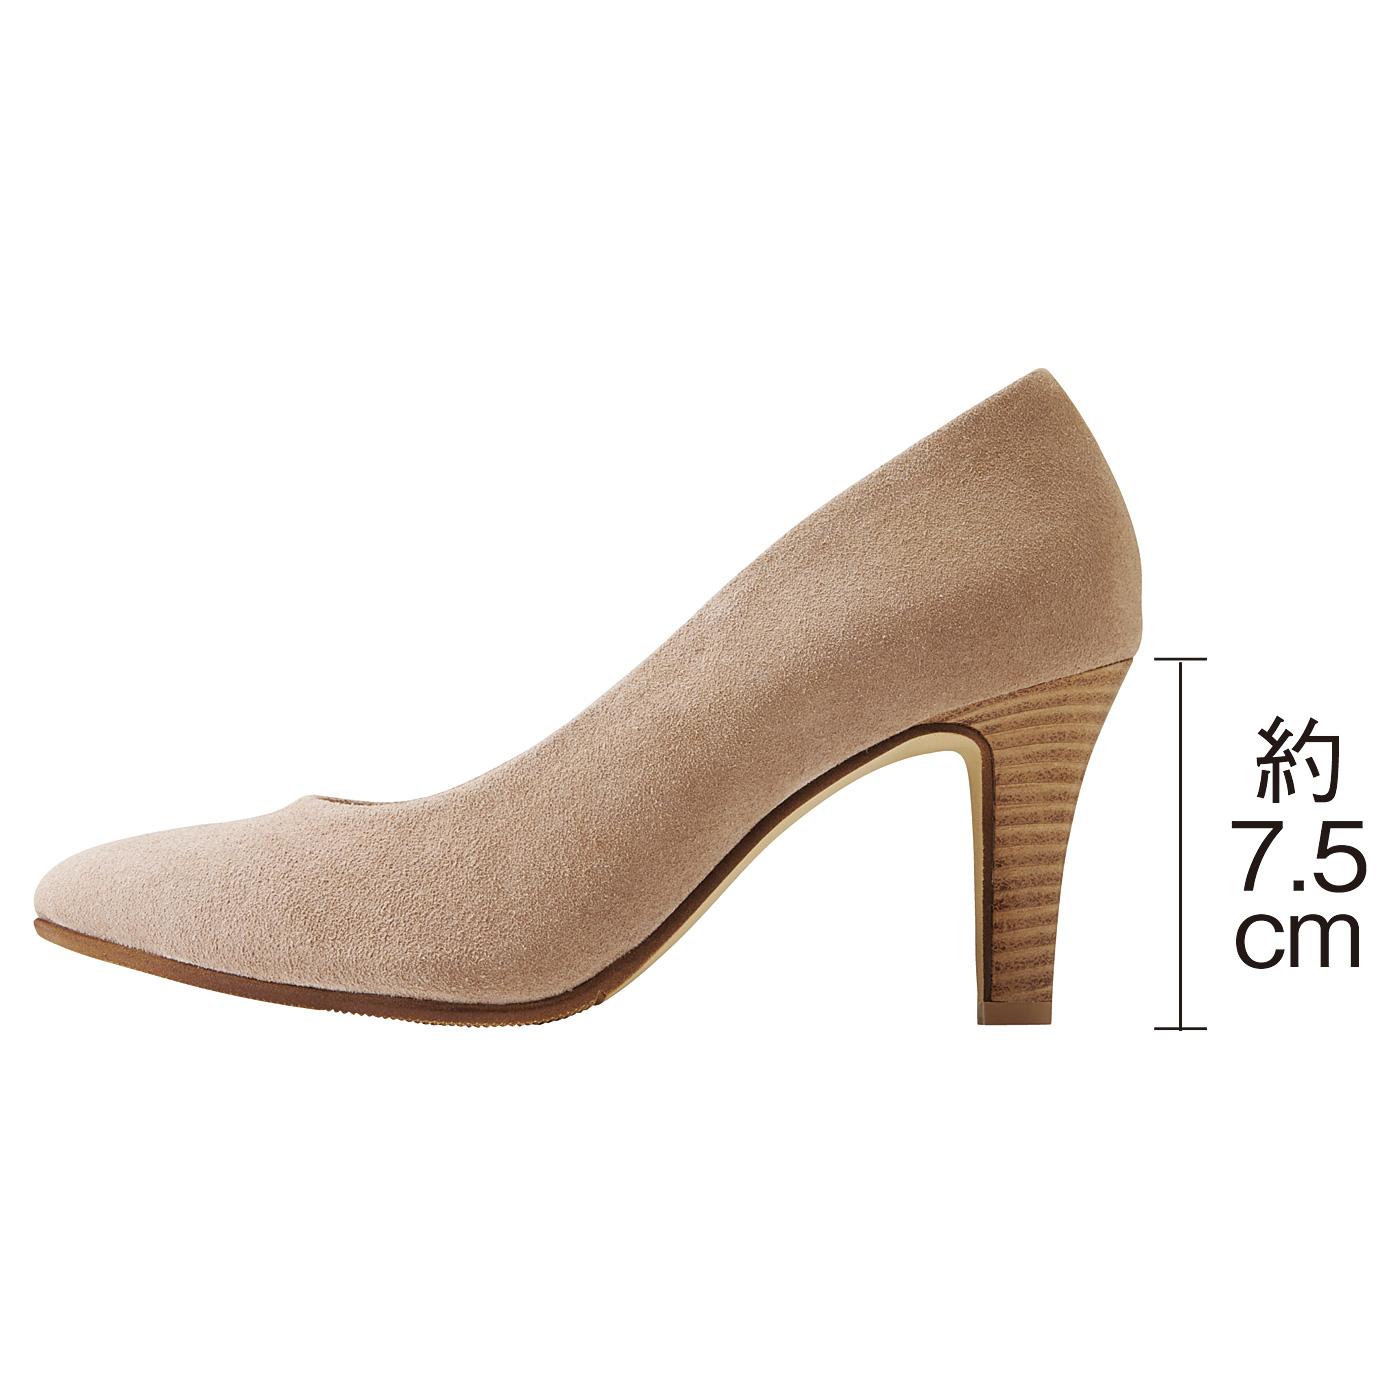 女性の足を美しく見せるのは8センチのヒールと言われてます。快適さと美しさを兼ね備えるサイズは何センチだろうか……私たちが行き着いた答えは7.5cmでした。